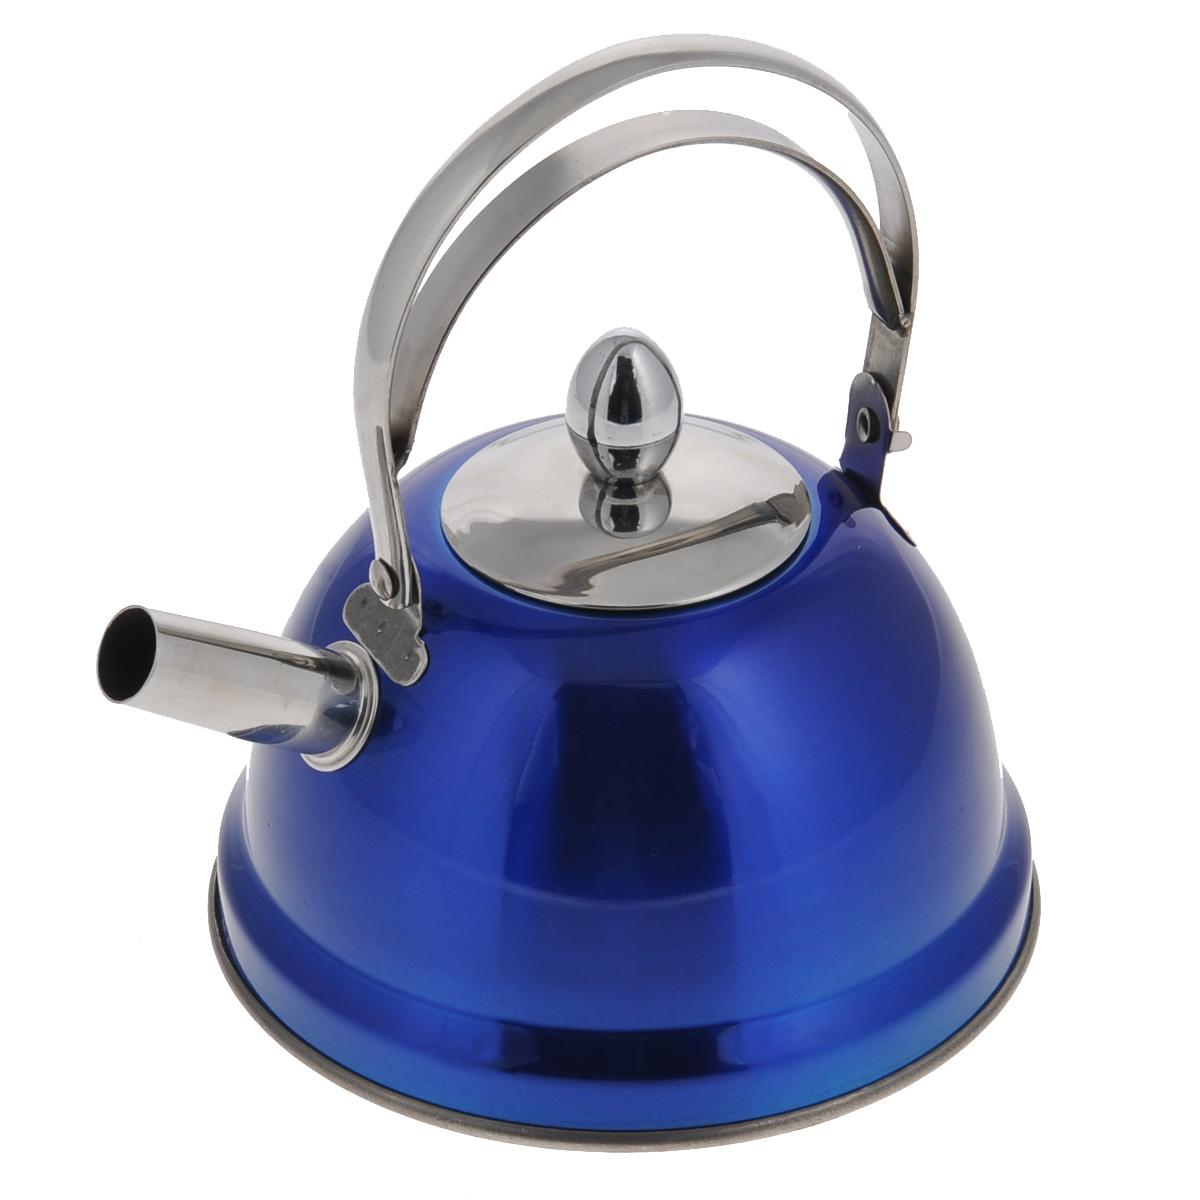 Чайник заварочный Bekker De Luxe, с ситечком, цвет: синий, 0,8 л. BK-S430BK-S430Чайник Bekker De Luxe выполнен из высококачественной нержавеющей стали, что обеспечивает долговечность использования. Внешнее цветное зеркальное покрытие придает приятный внешний вид. Капсулированное дно распределяет тепло по всей поверхности, что позволяет чайнику быстро закипать. Эргономичная подвижная ручка выполнена из нержавеющей стали. Чайник снабжен ситечком для заваривания. Можно мыть в посудомоечной машине. Пригоден для всех видов плит, включая индукционные. Диаметр (по верхнему краю): 5 см.Высота чайника (без учета крышки и ручки): 8 см.Высота чайника (с учетом крышки): 17,5 см.Диаметр основания: 14 см. Толщина стенки: 0,5 мм.Высота ситечка: 5,5 см.